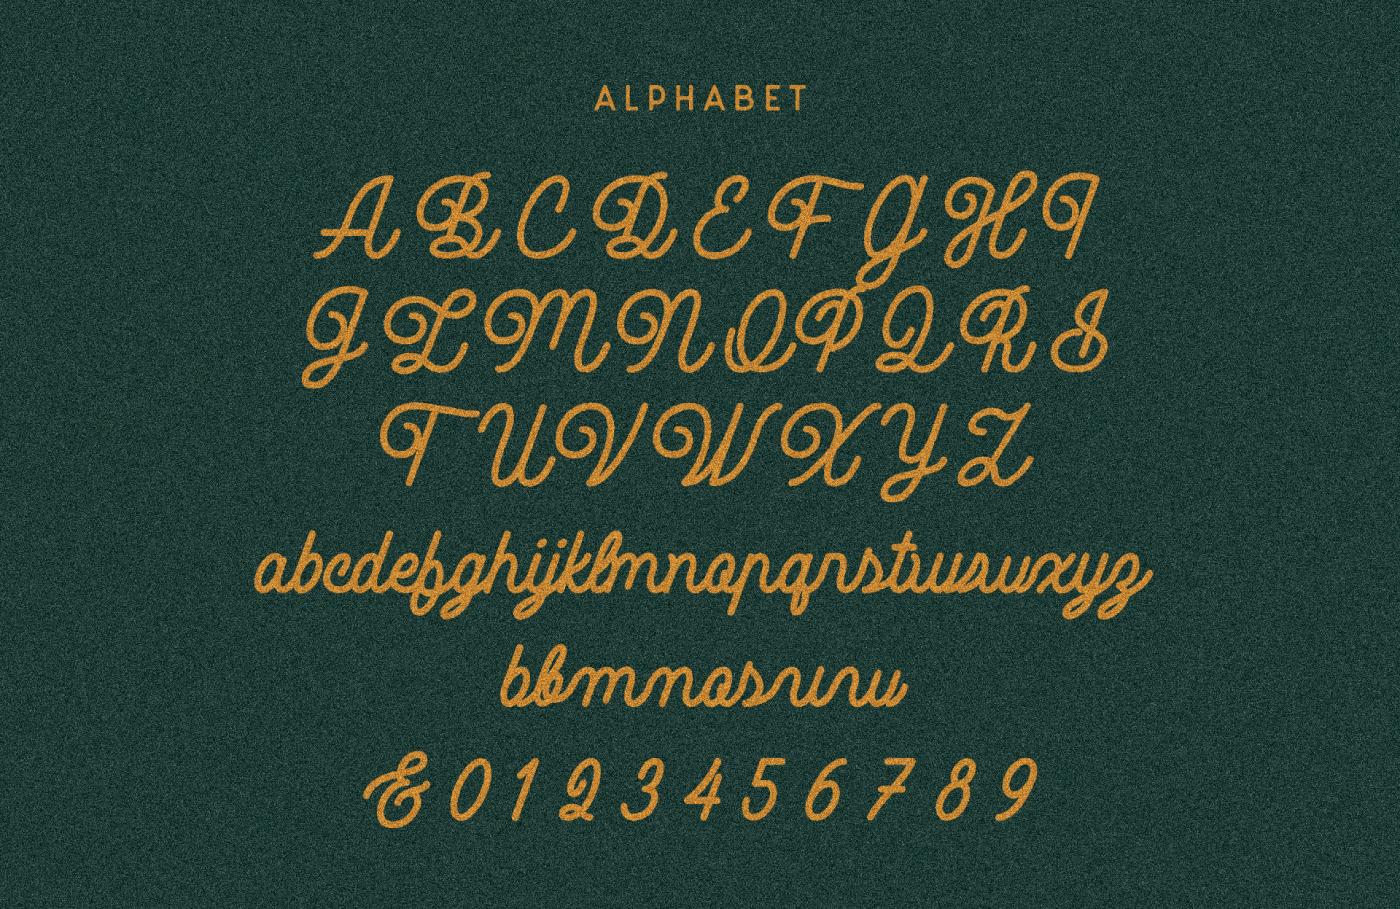 NOBLE COMPANY Free Font - script